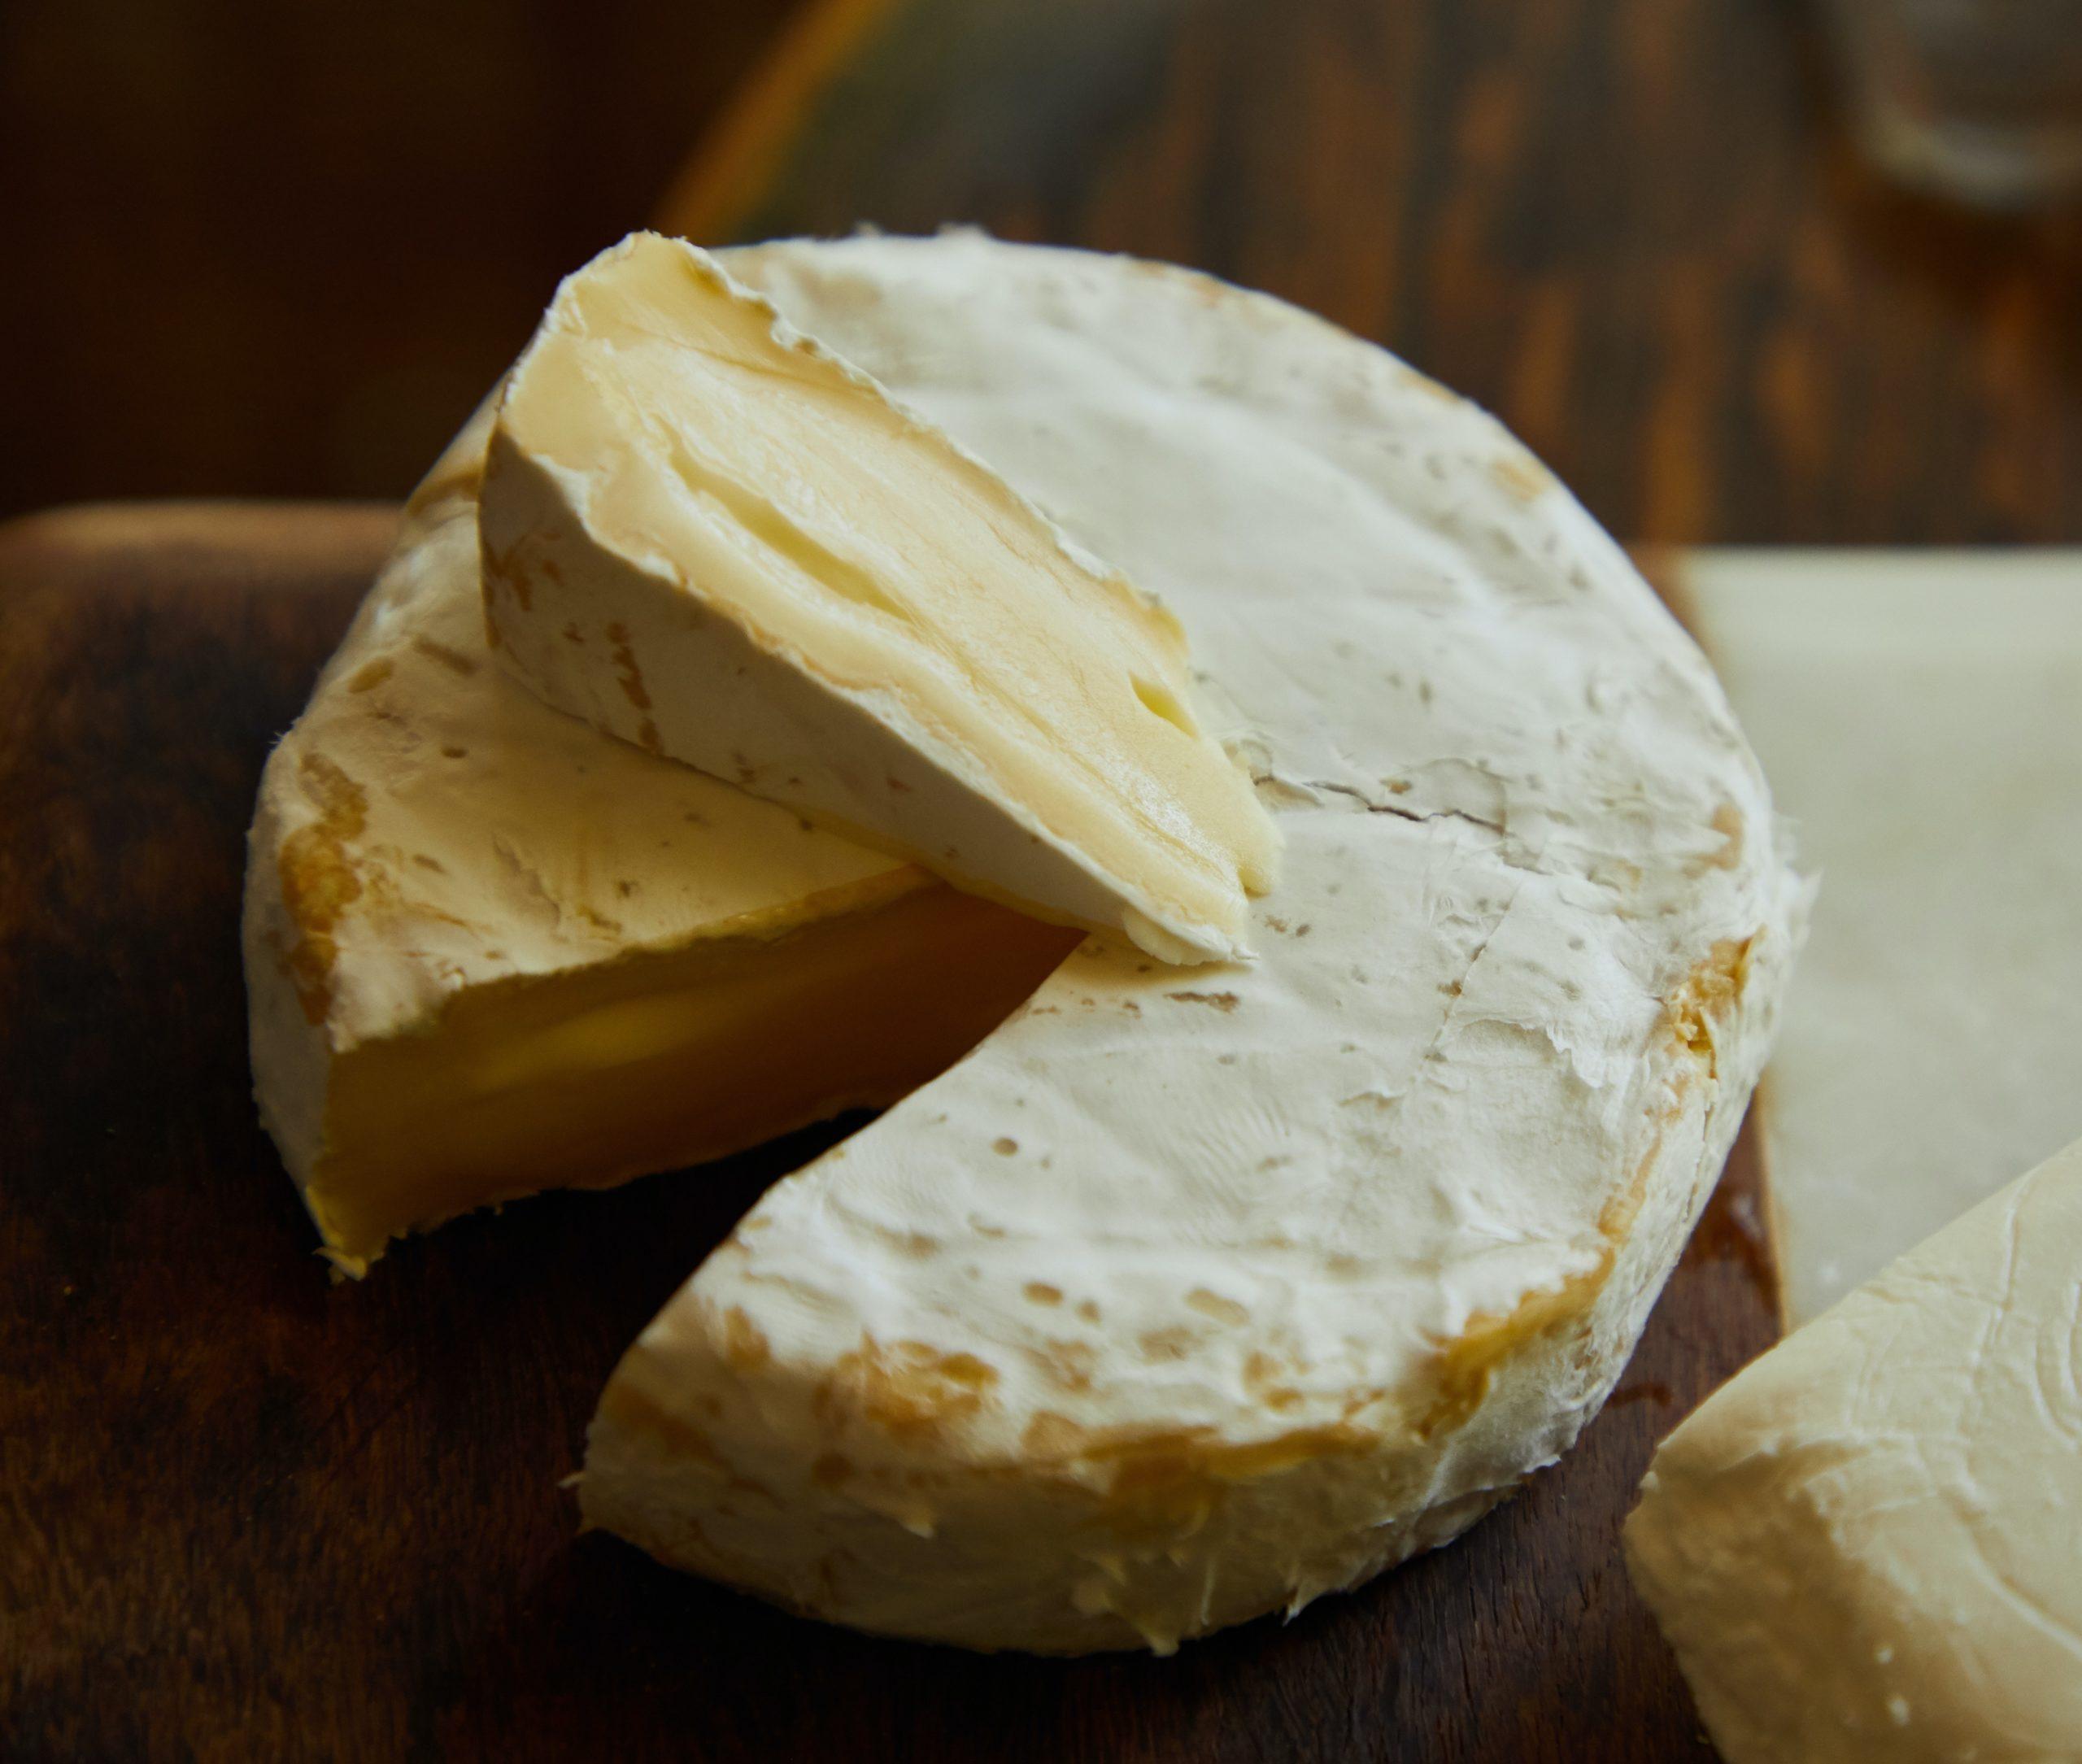 Quelle est la différence entre un Brie, un Camembert et un Coulommiers?